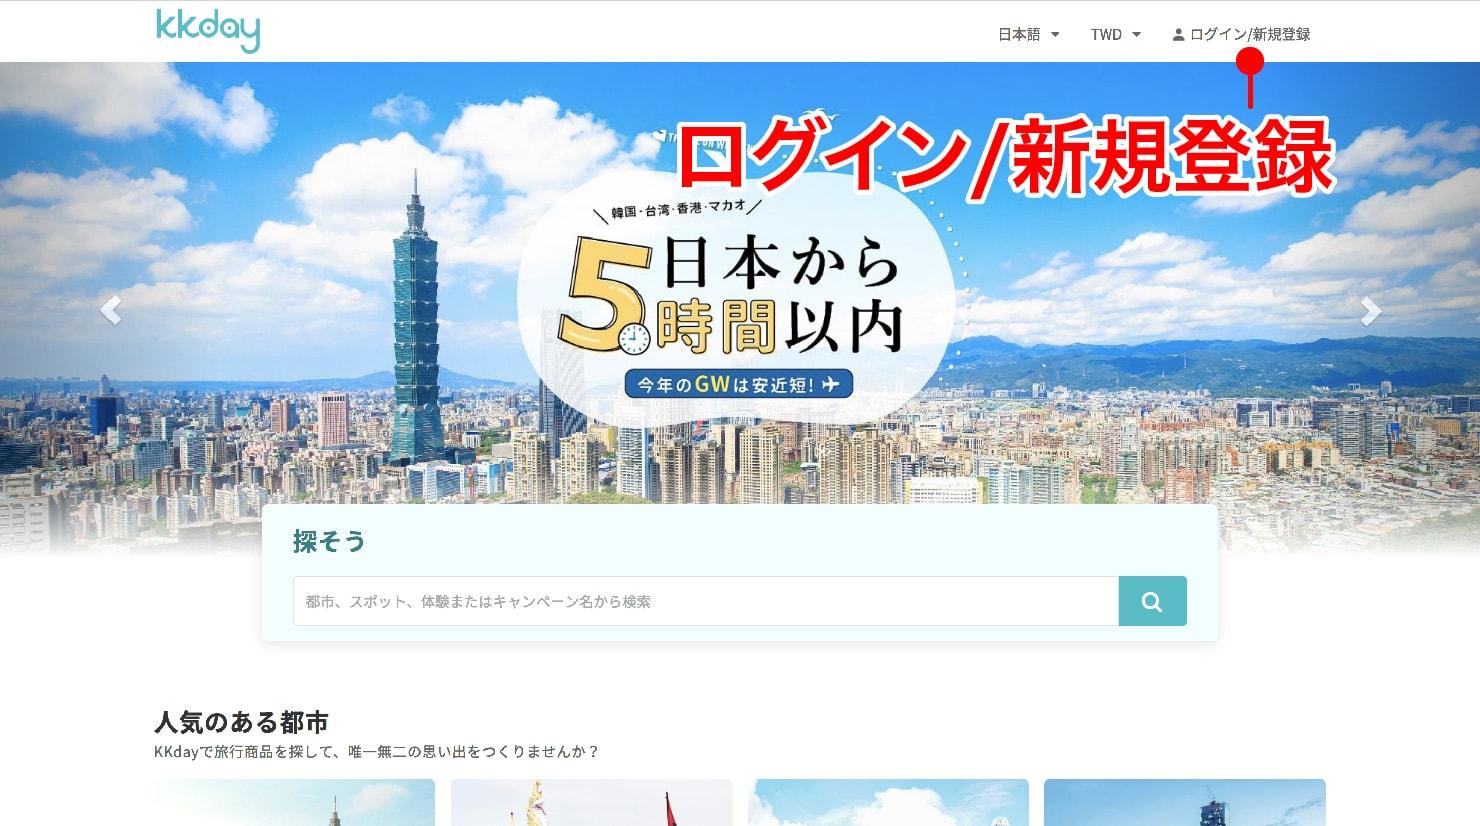 KKday台湾新幹線(高鐵)の外国人限定20%offチケット予約画面_12